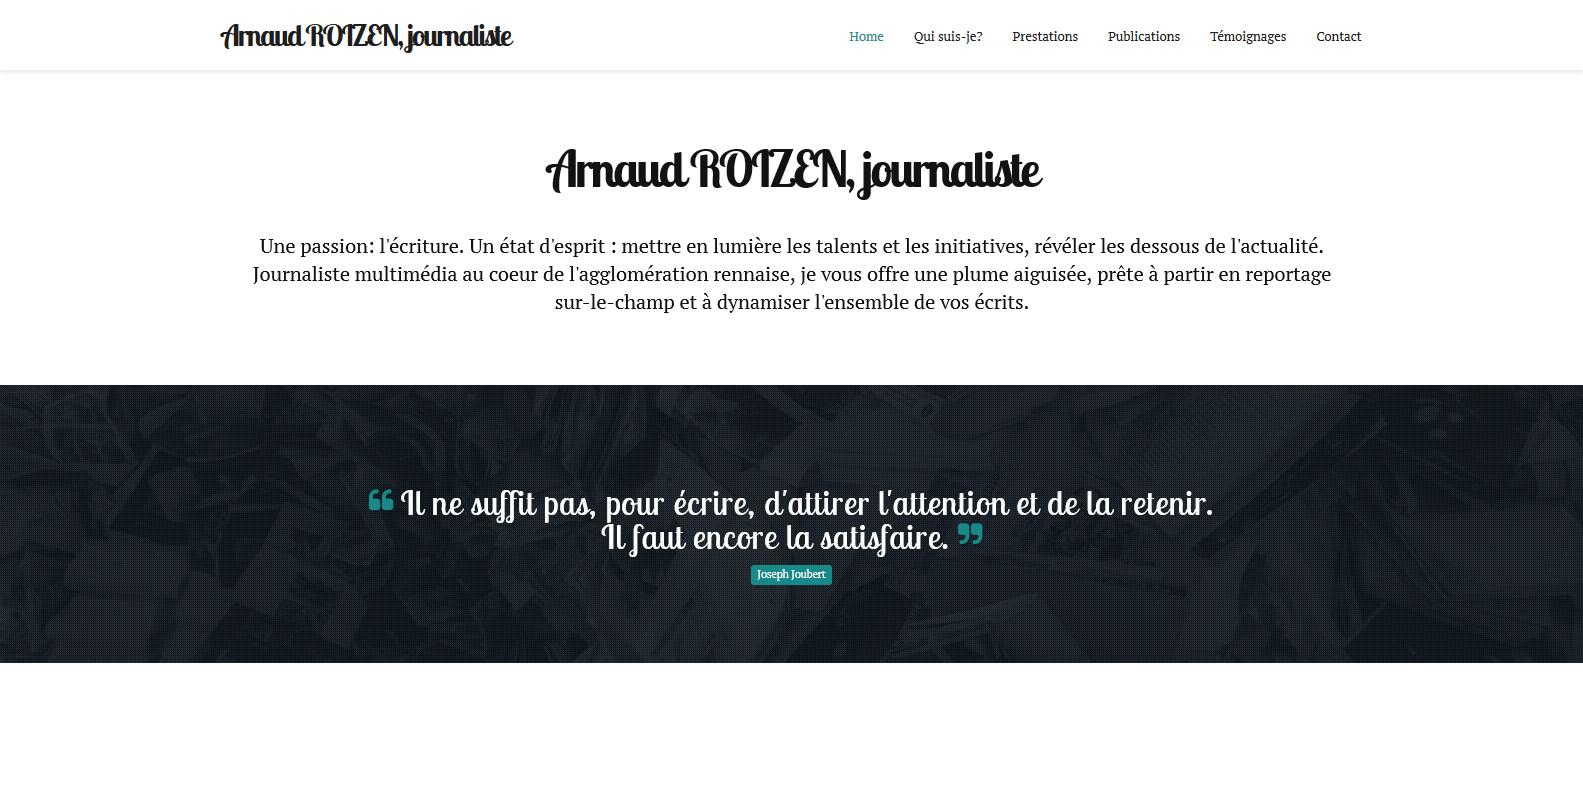 Arnaud ROIZEN